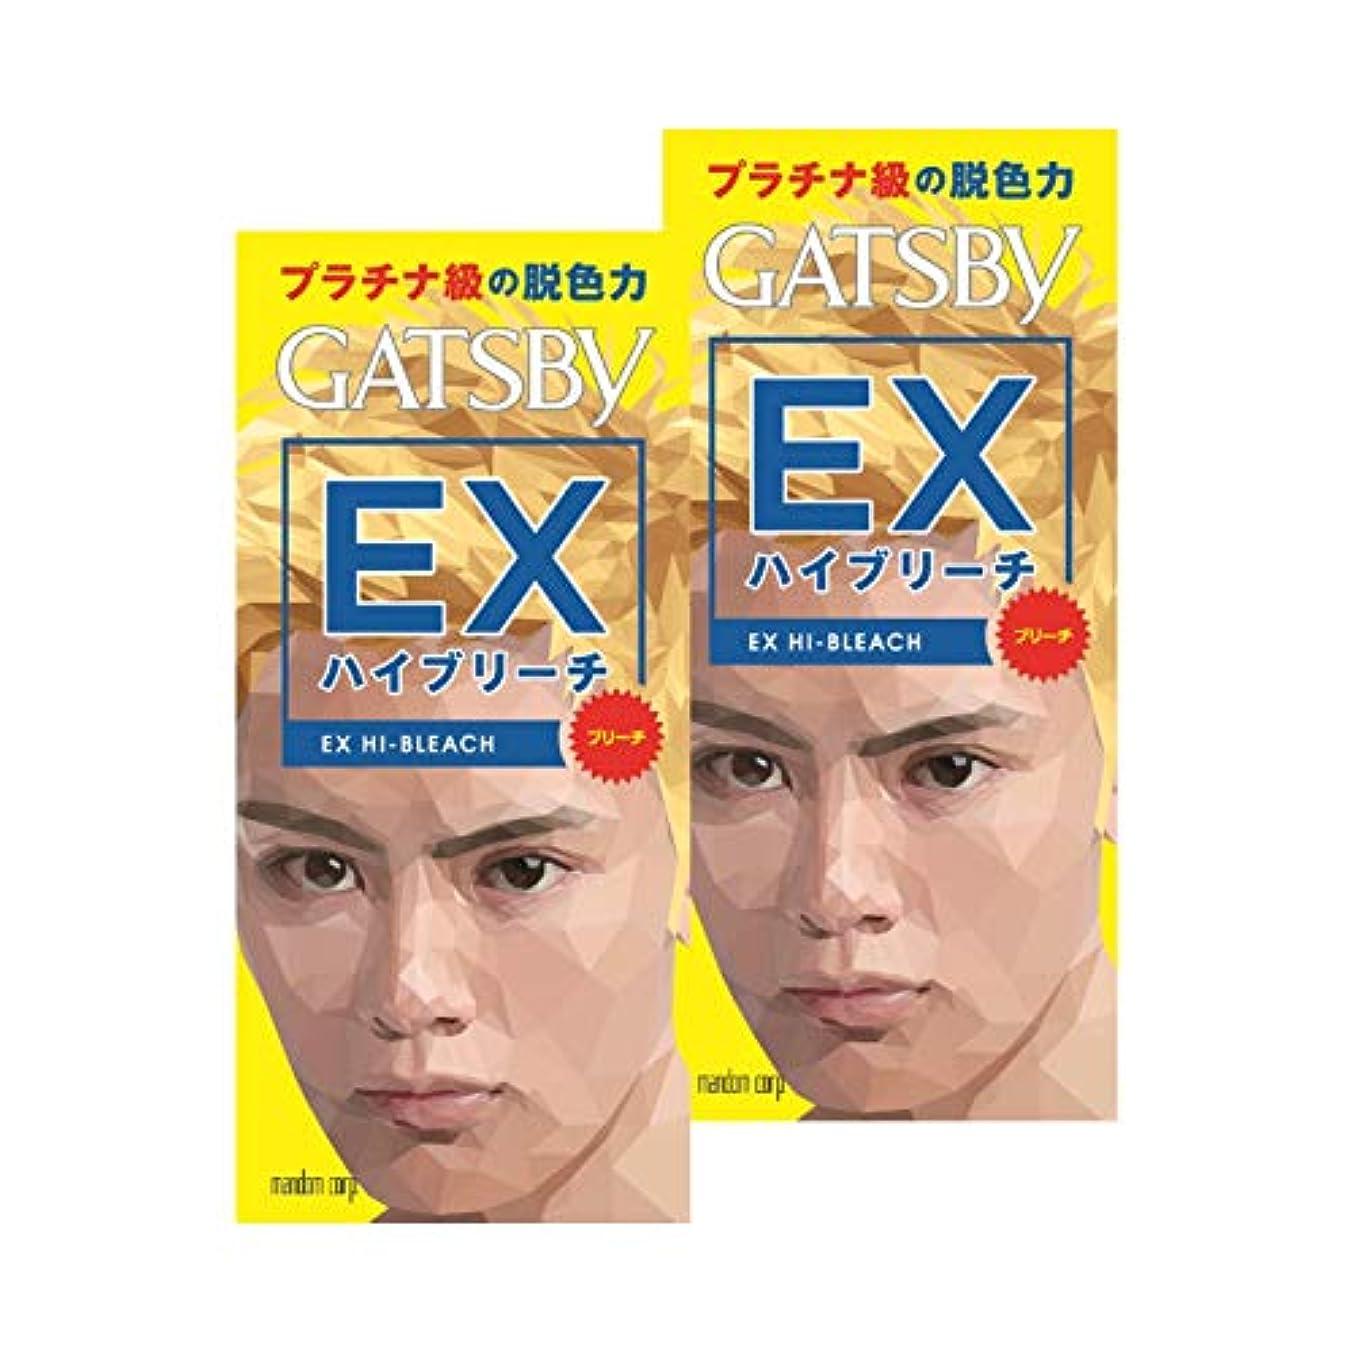 そばに再発する変色する【まとめ買い】ギャツビー (GATSBY) EXハイブリーチ 2個パック メンズ用 ブリーチ剤 ミディアムヘア約2回分 (医薬部外品)